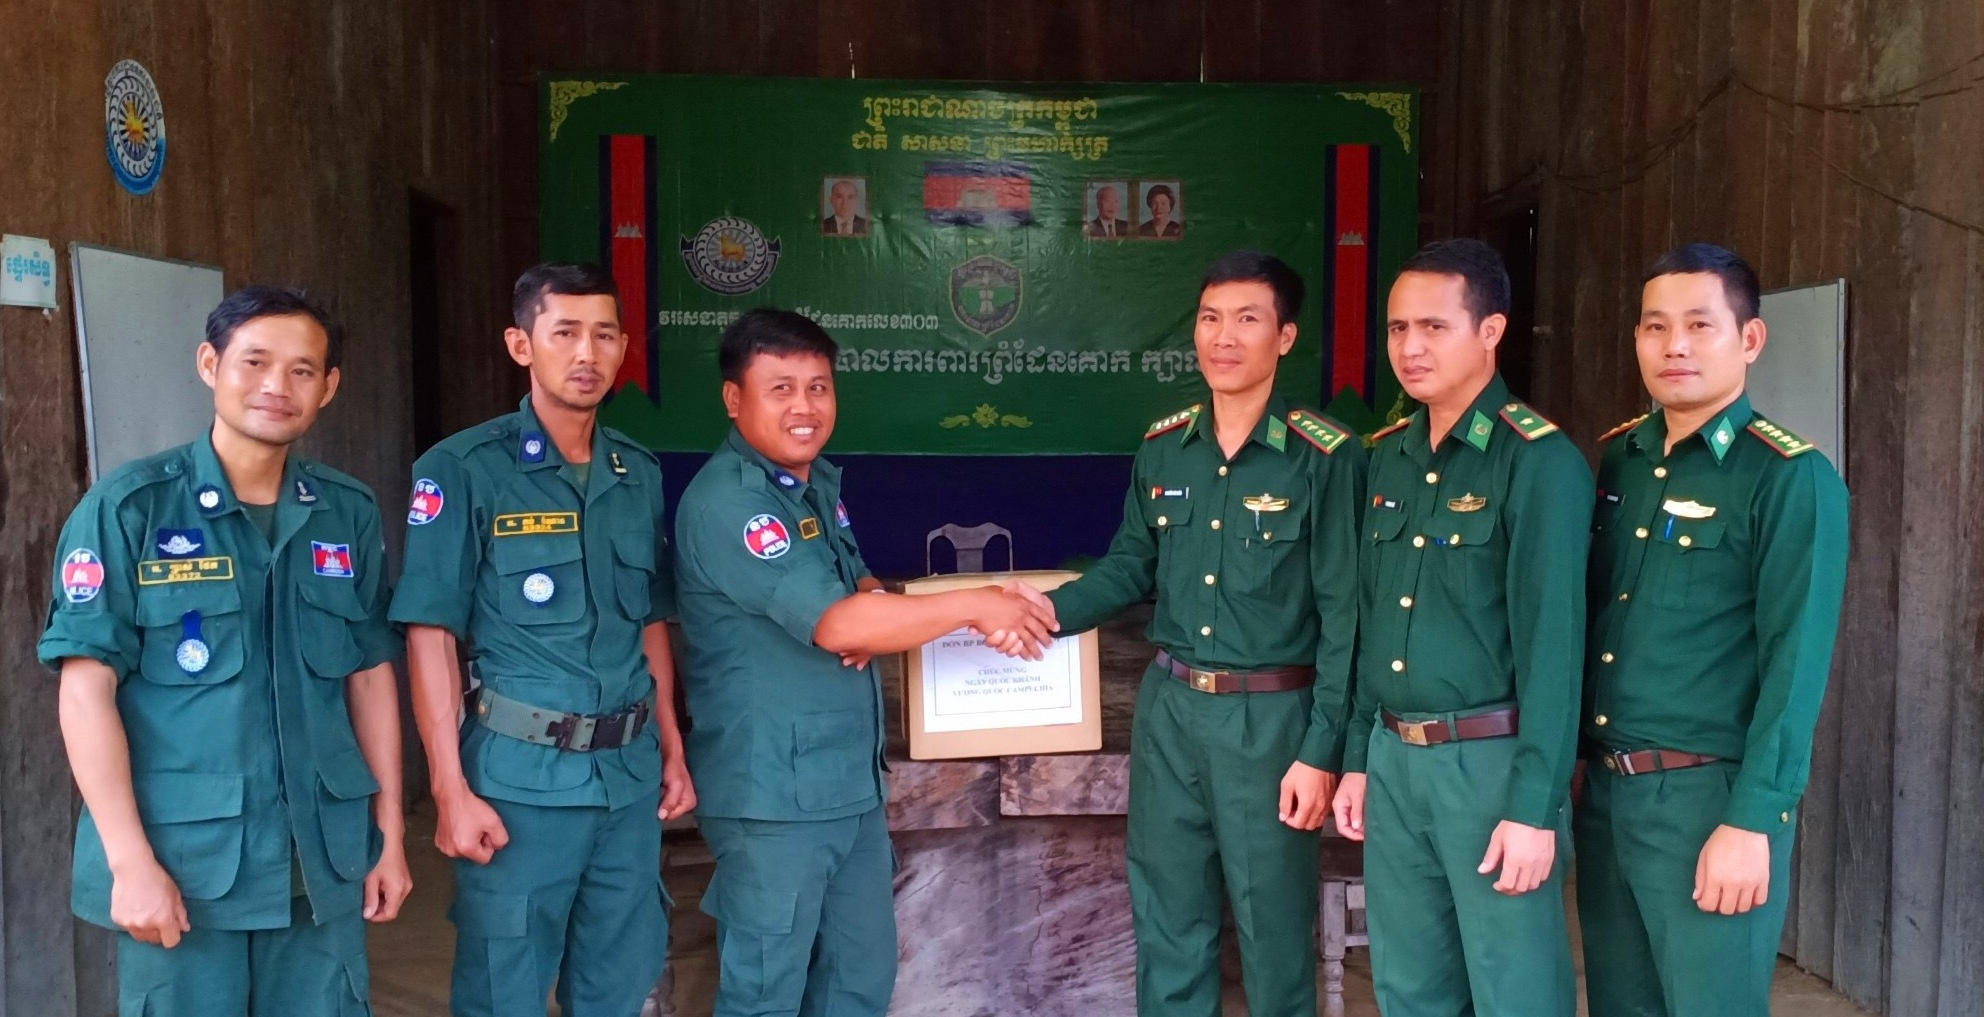 Đồn Biên phòng Bo Heng chúc mừng Đồn Co Bal Đom Rây nhân kỷ niệm 66 năm Quốc khánh Campuchia